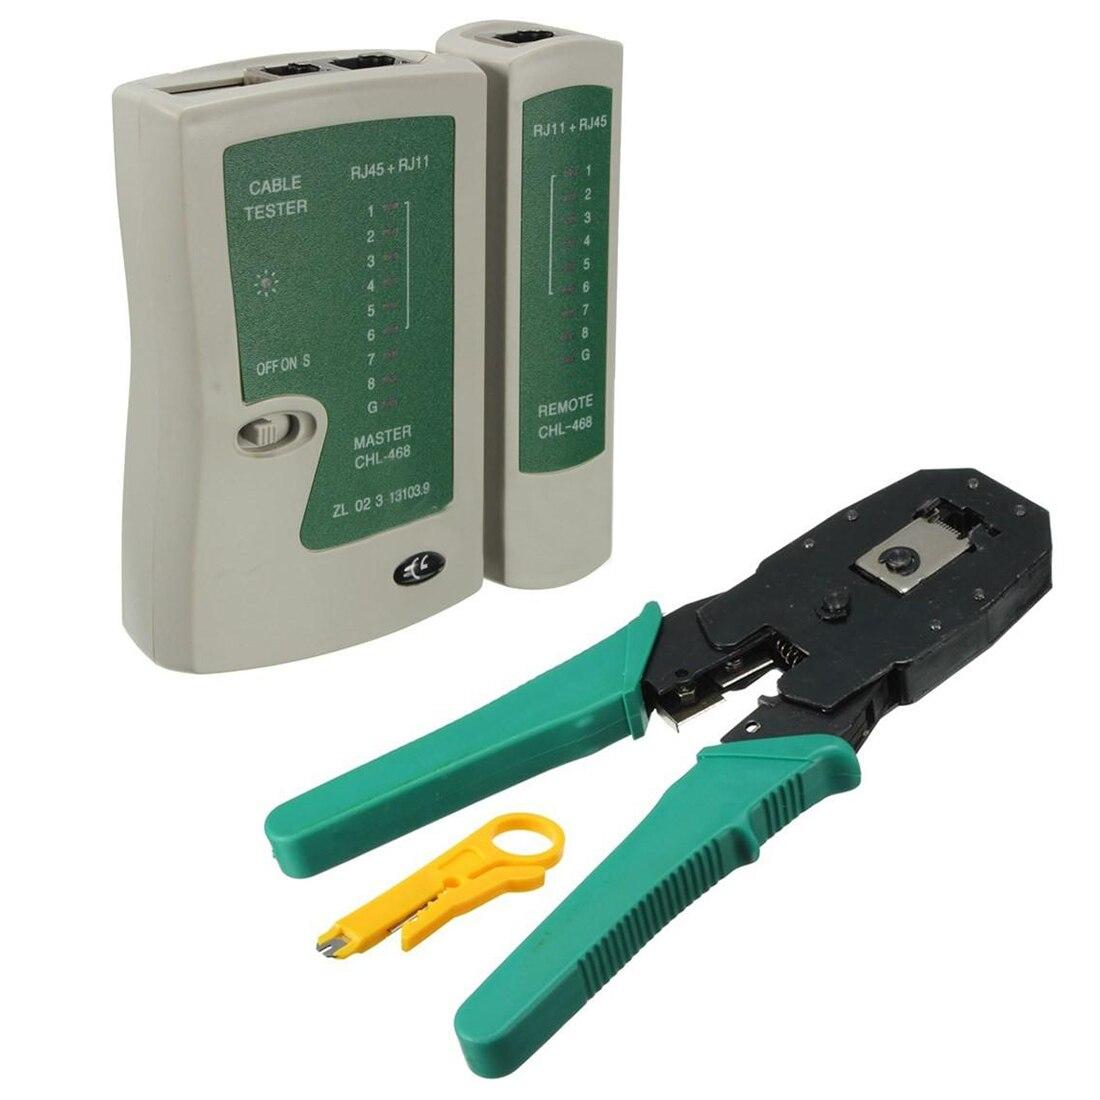 Profesional probador de Cable de red Lan rj45 rj11 con alambre Cable alicate doblar PC Herramientas de mano Herramientas